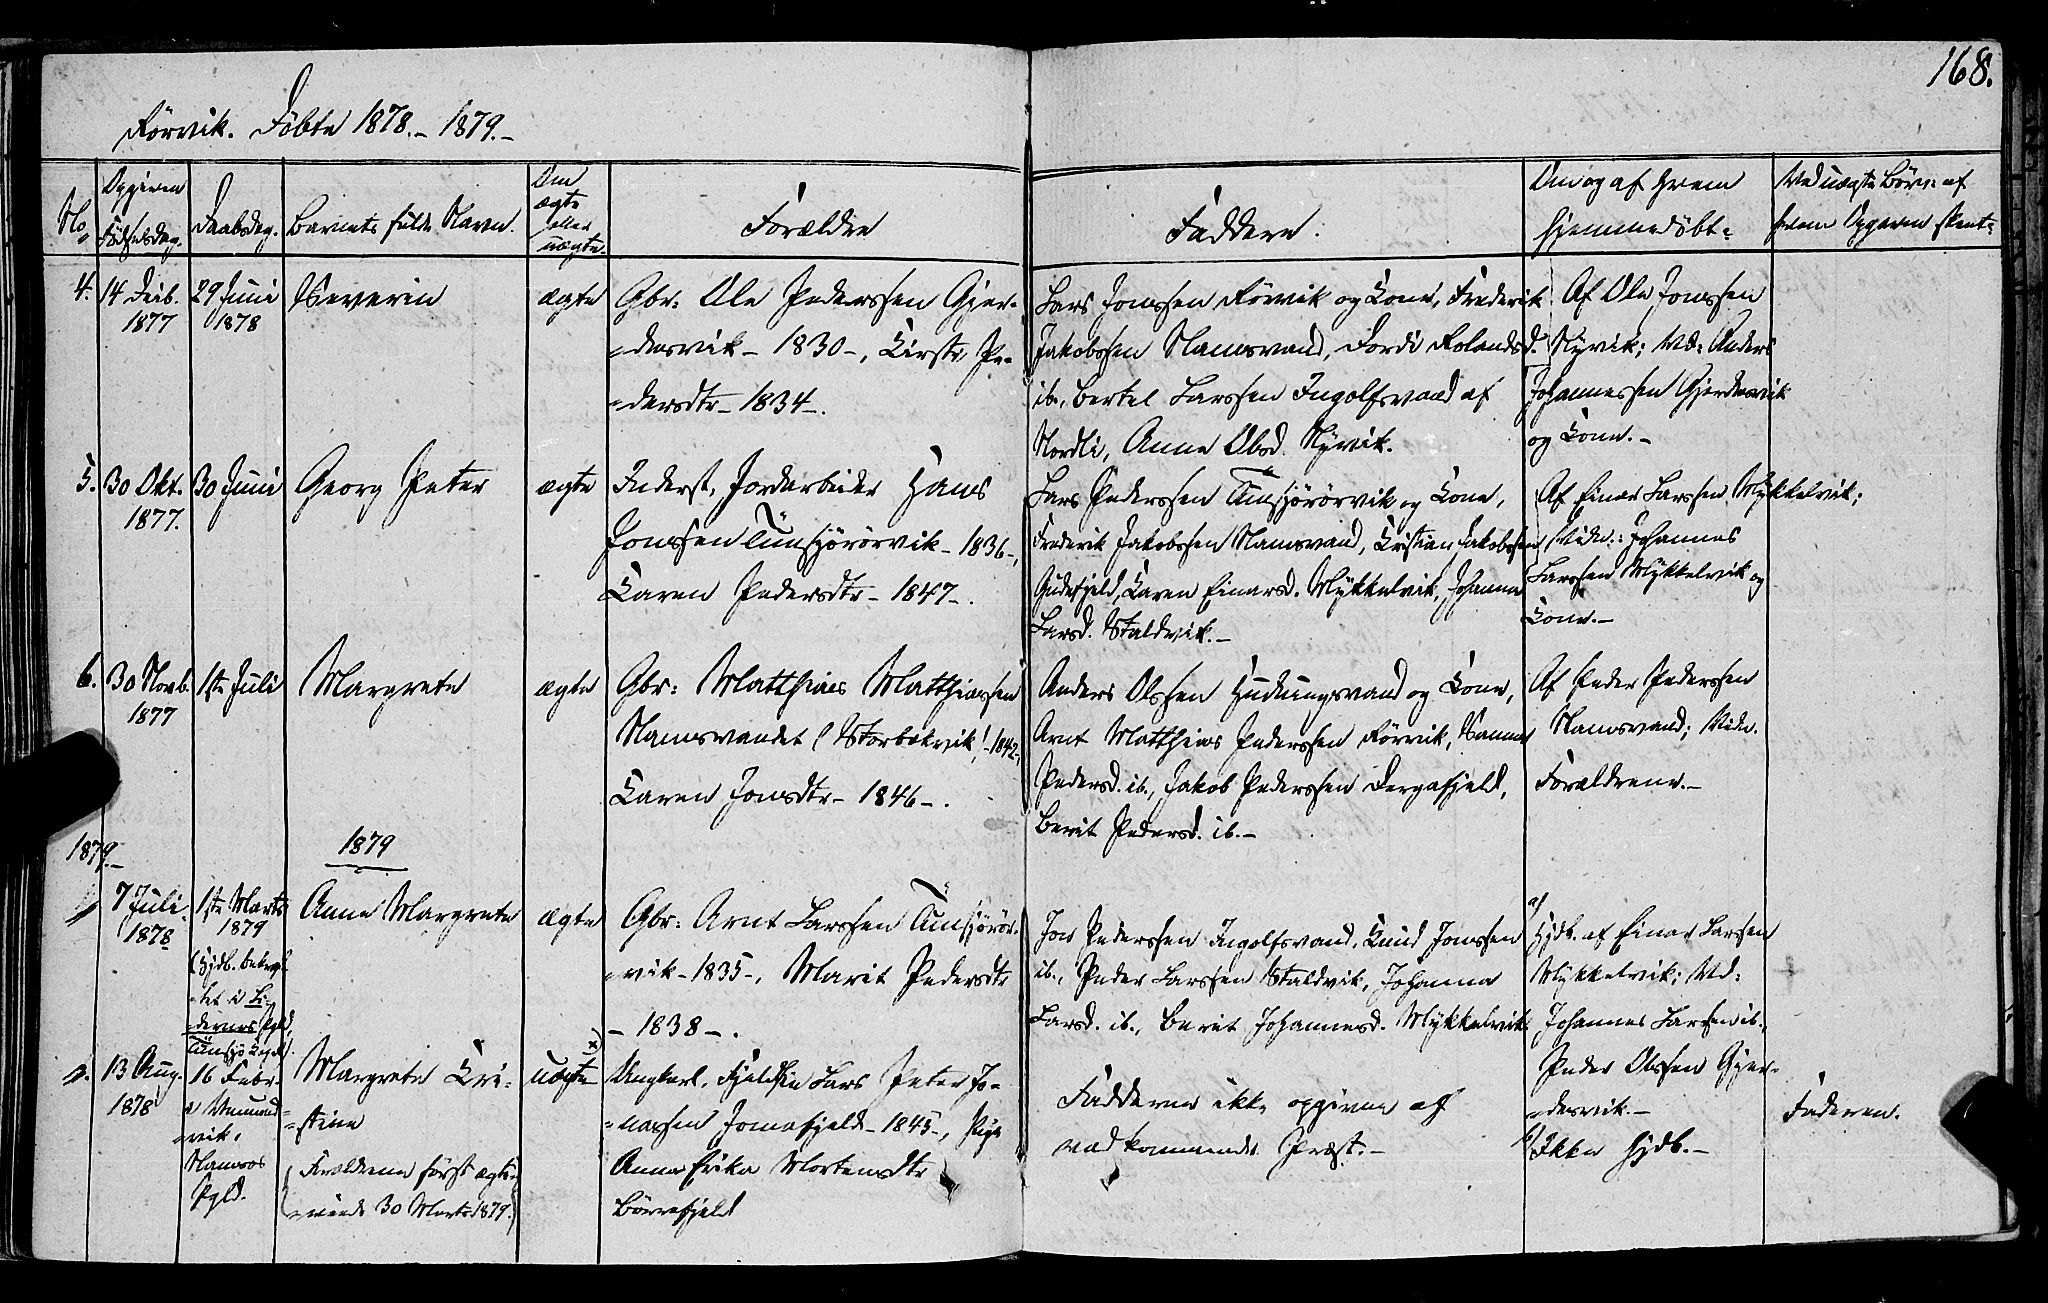 SAT, Ministerialprotokoller, klokkerbøker og fødselsregistre - Nord-Trøndelag, 762/L0538: Ministerialbok nr. 762A02 /1, 1833-1879, s. 168